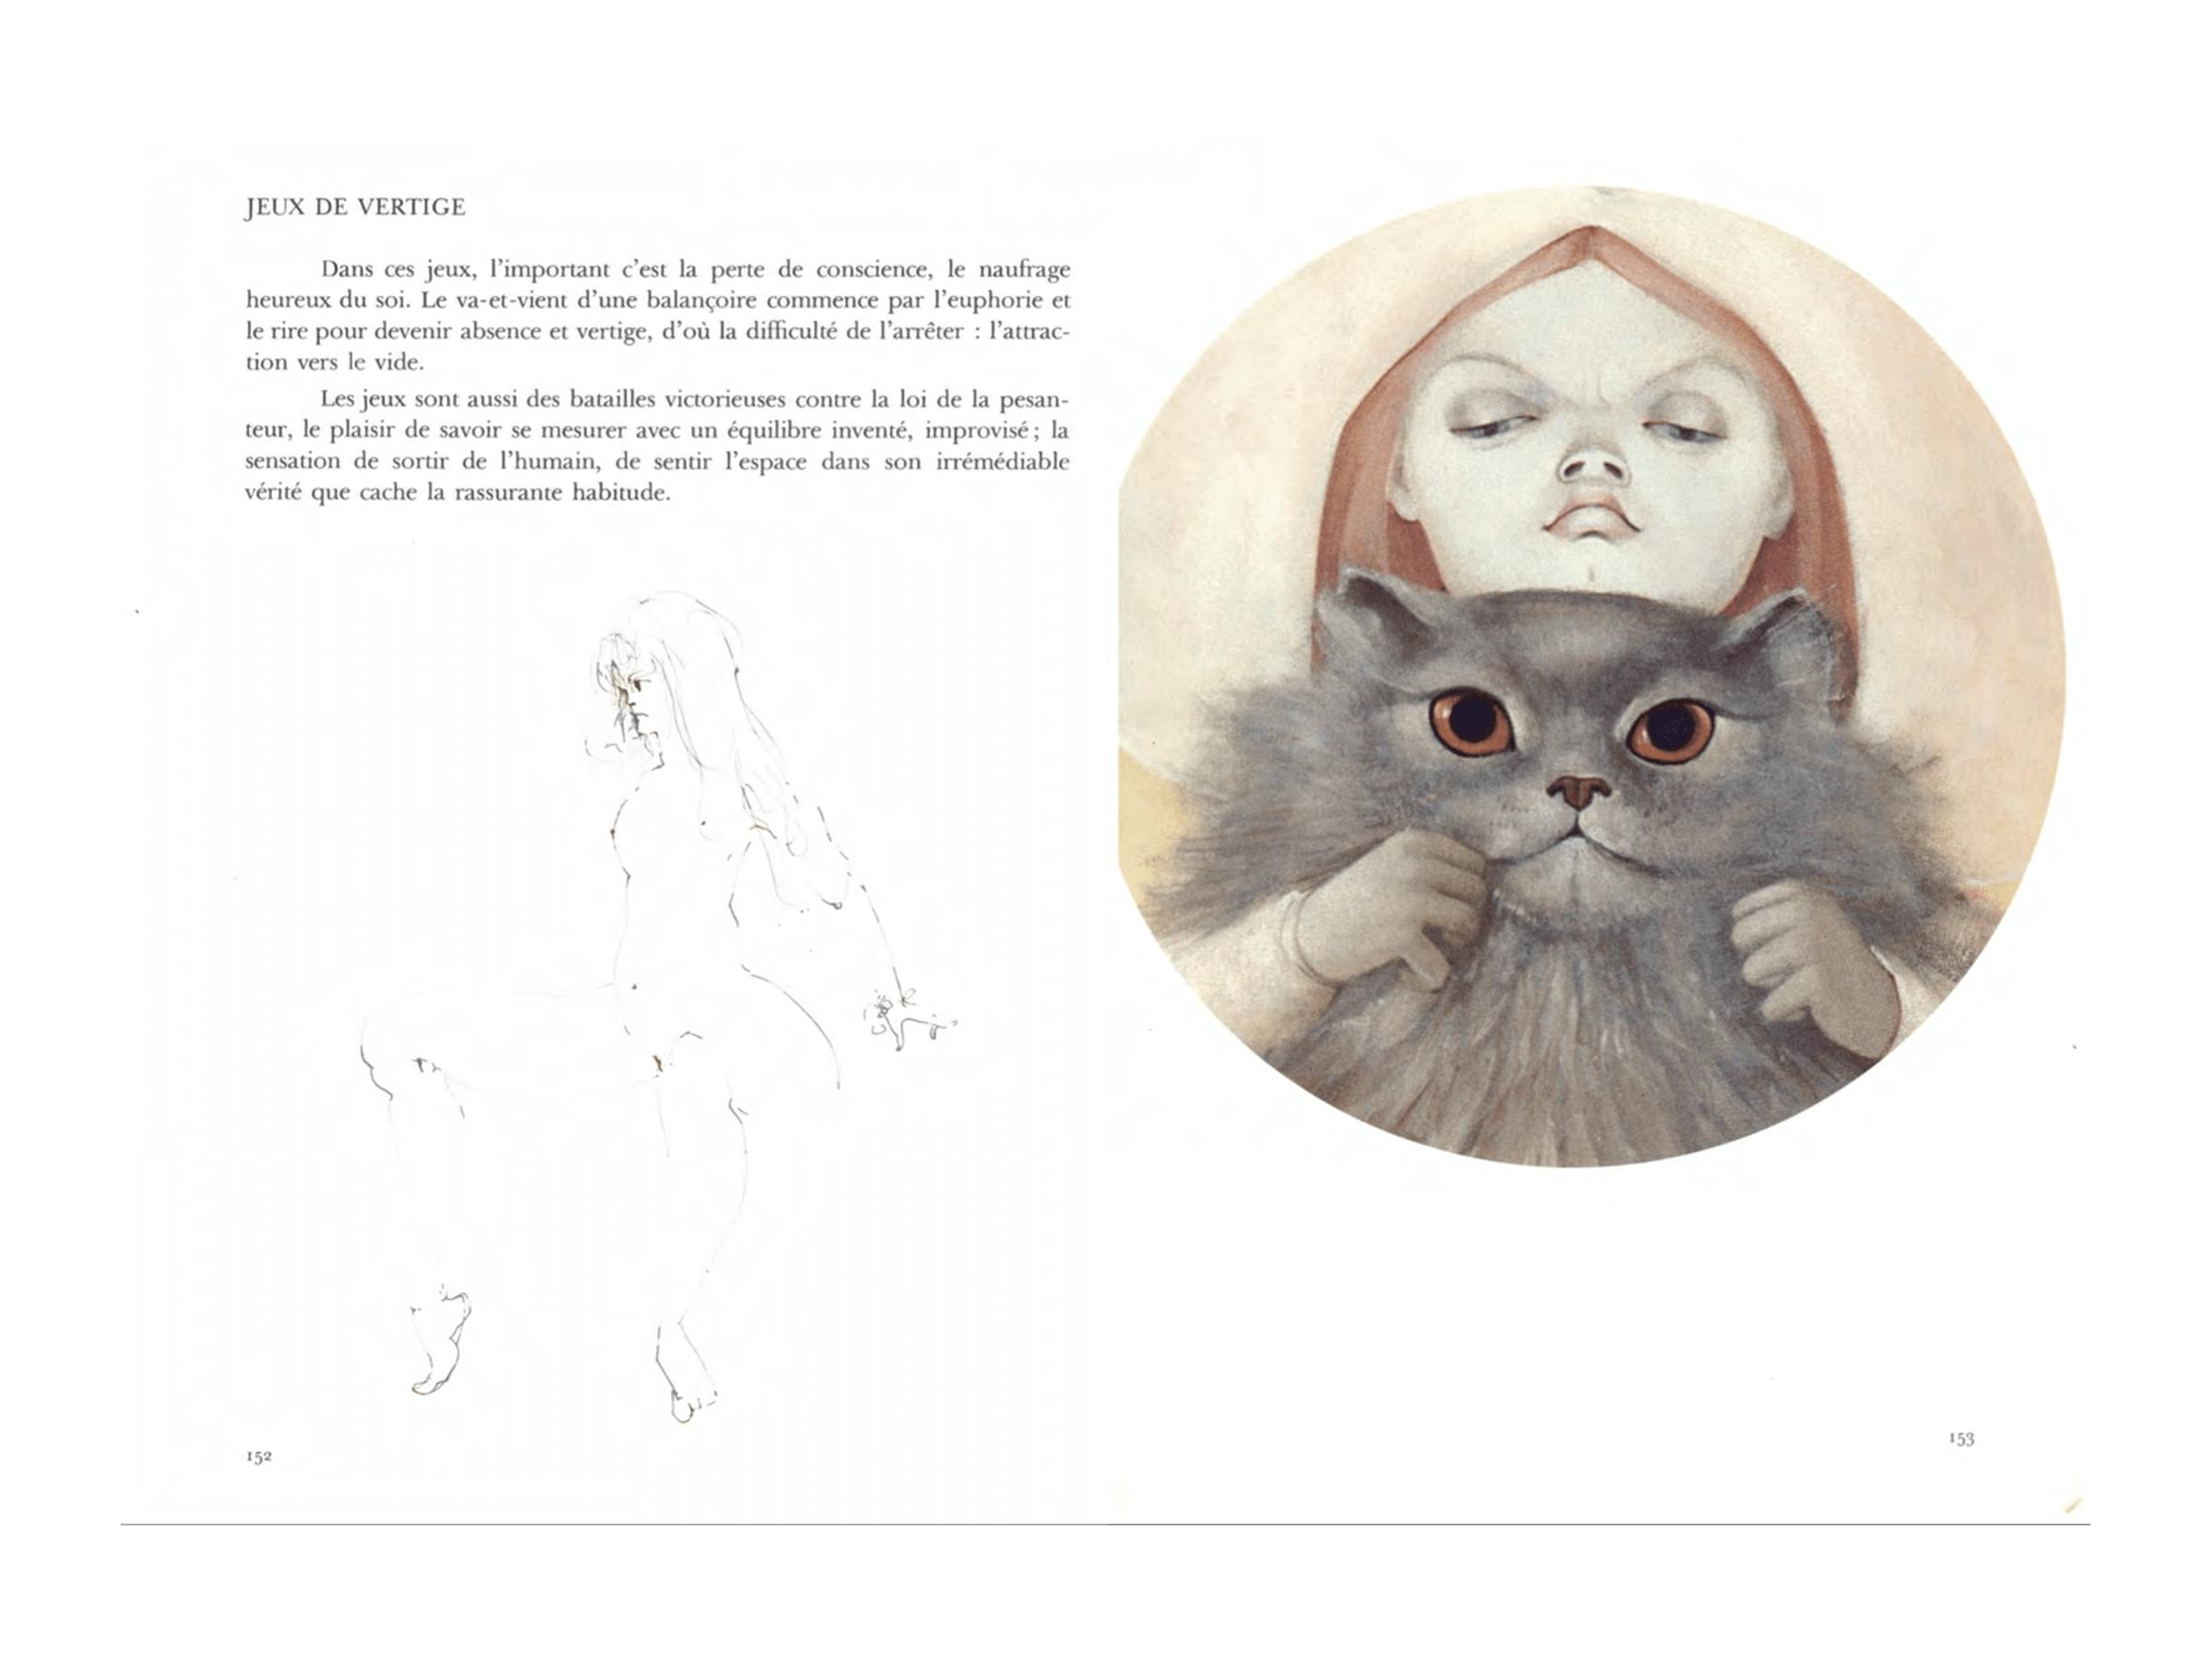 Carrousel-5-le-livre-de-leonor-fini-t